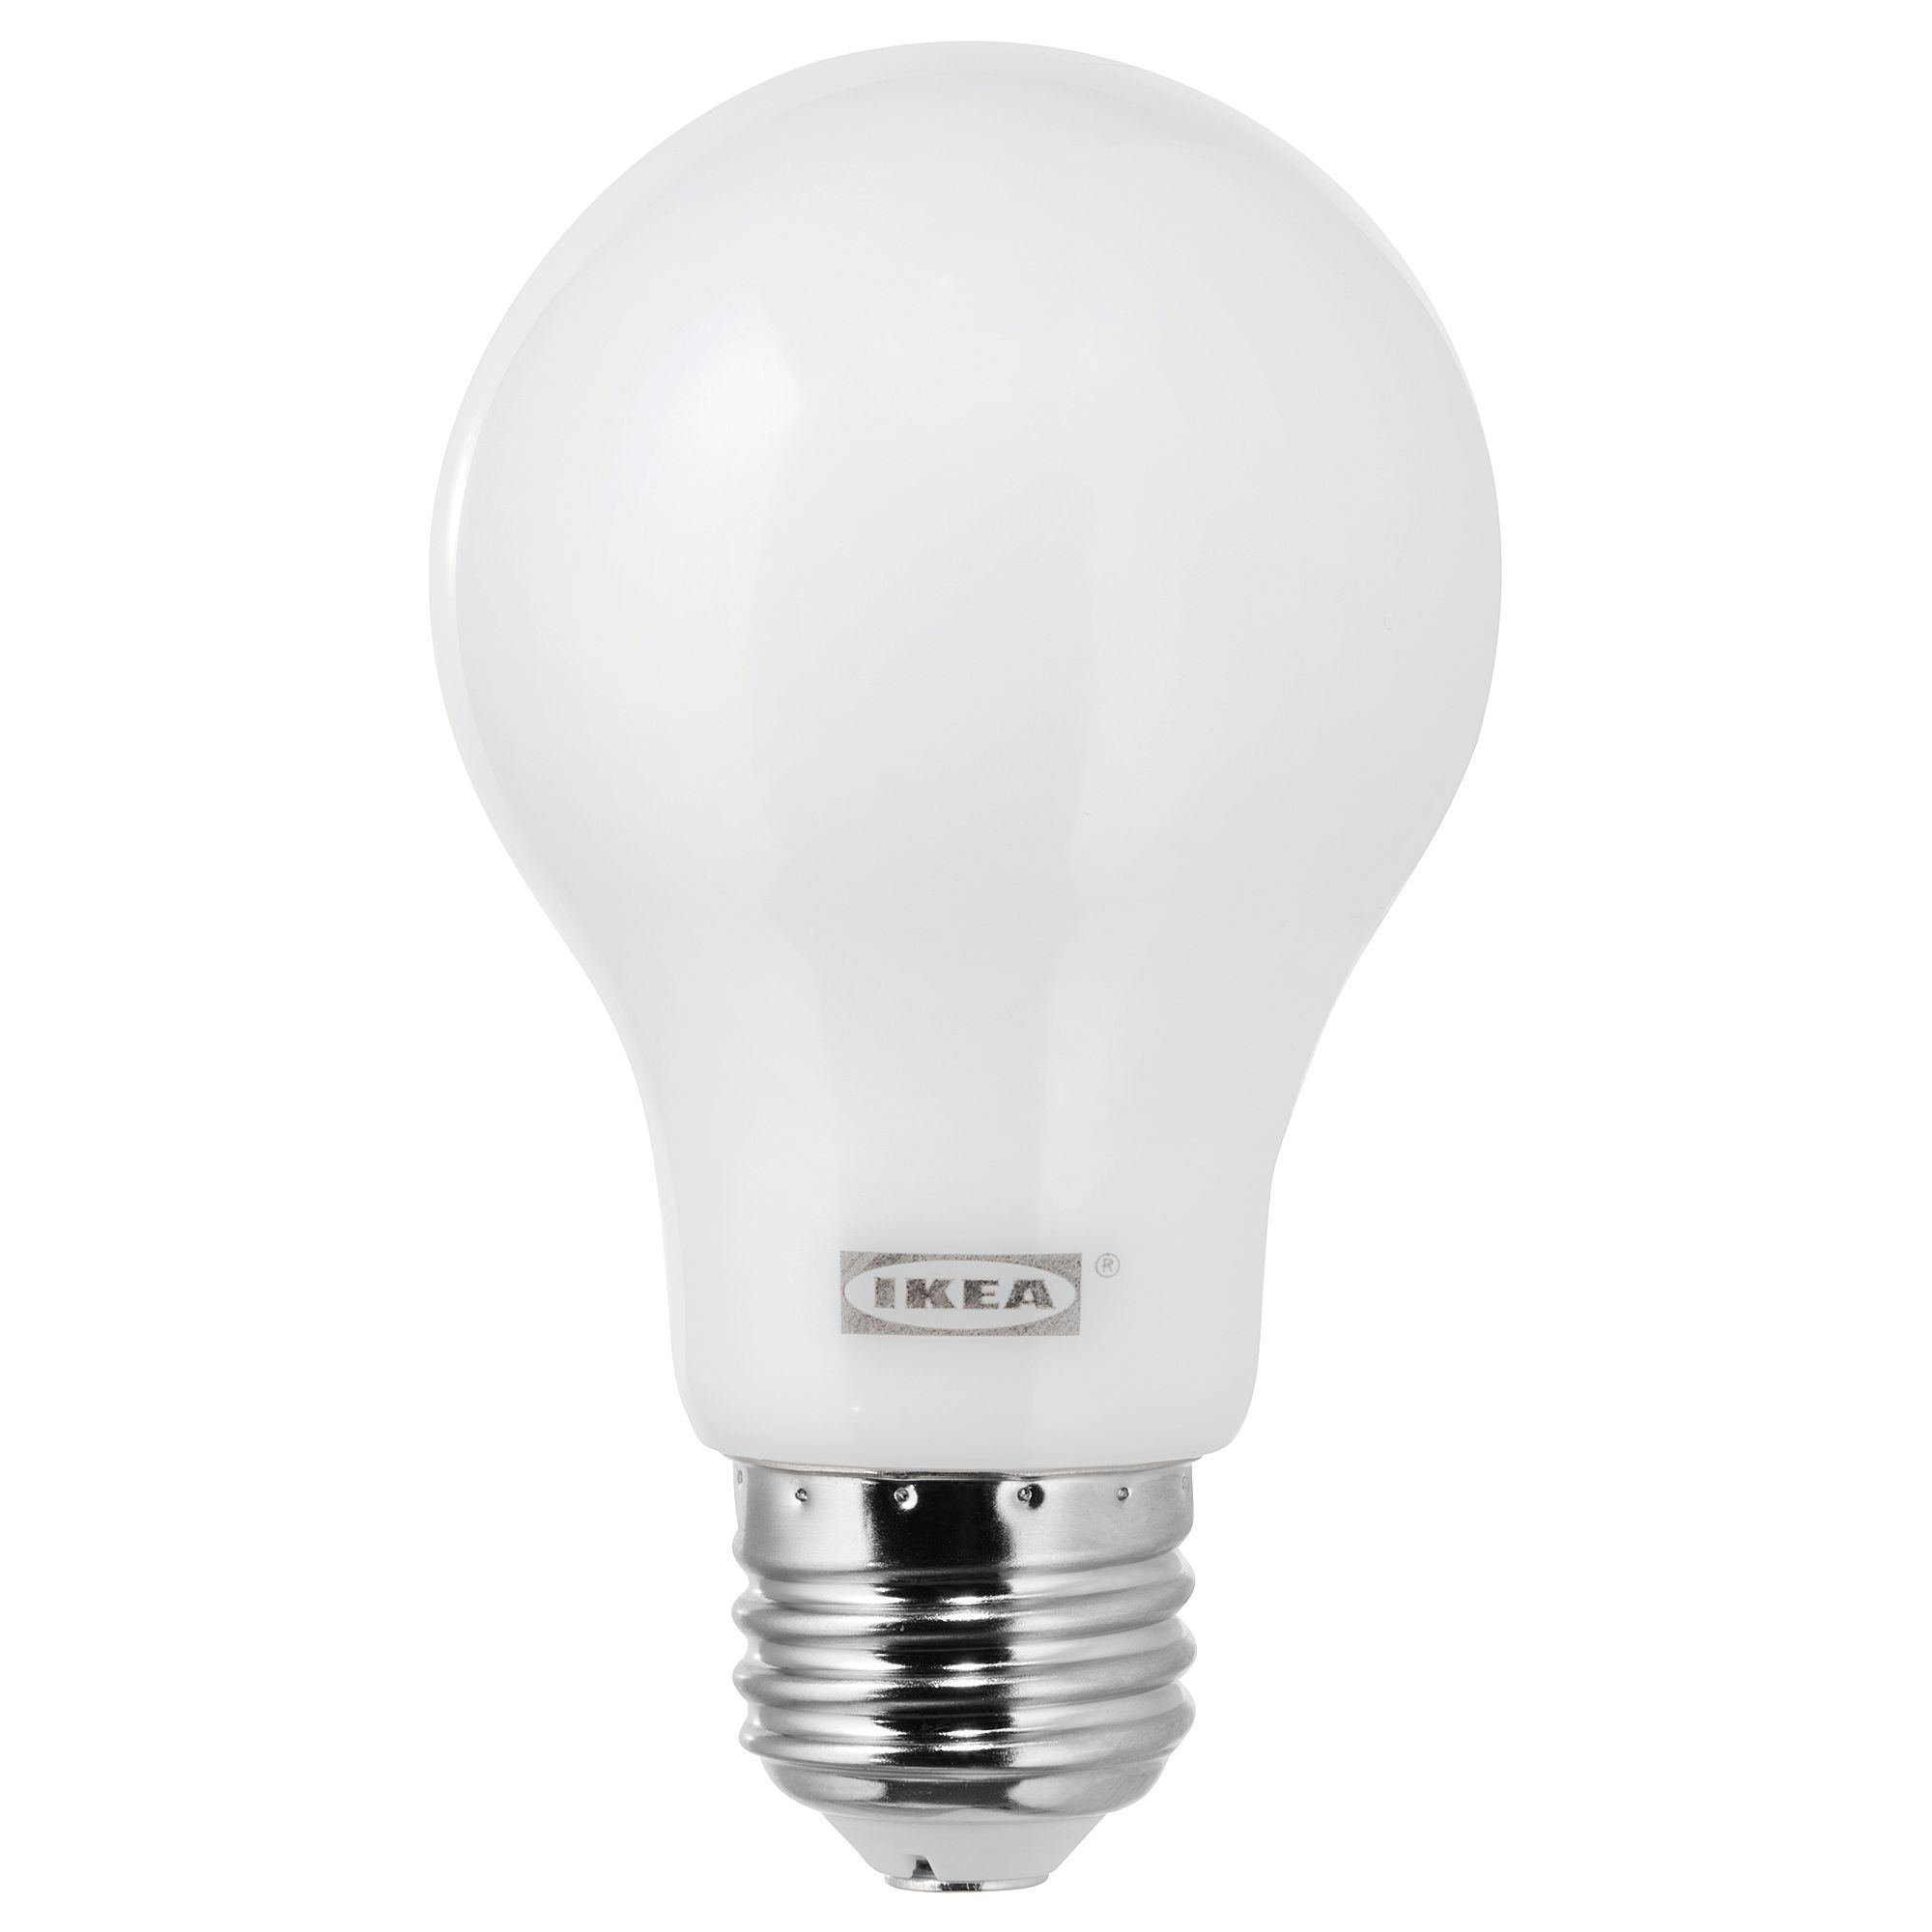 Ikea Ledare Led Bulb E26 600 Lumen Dimmable Warm Dimming Globe